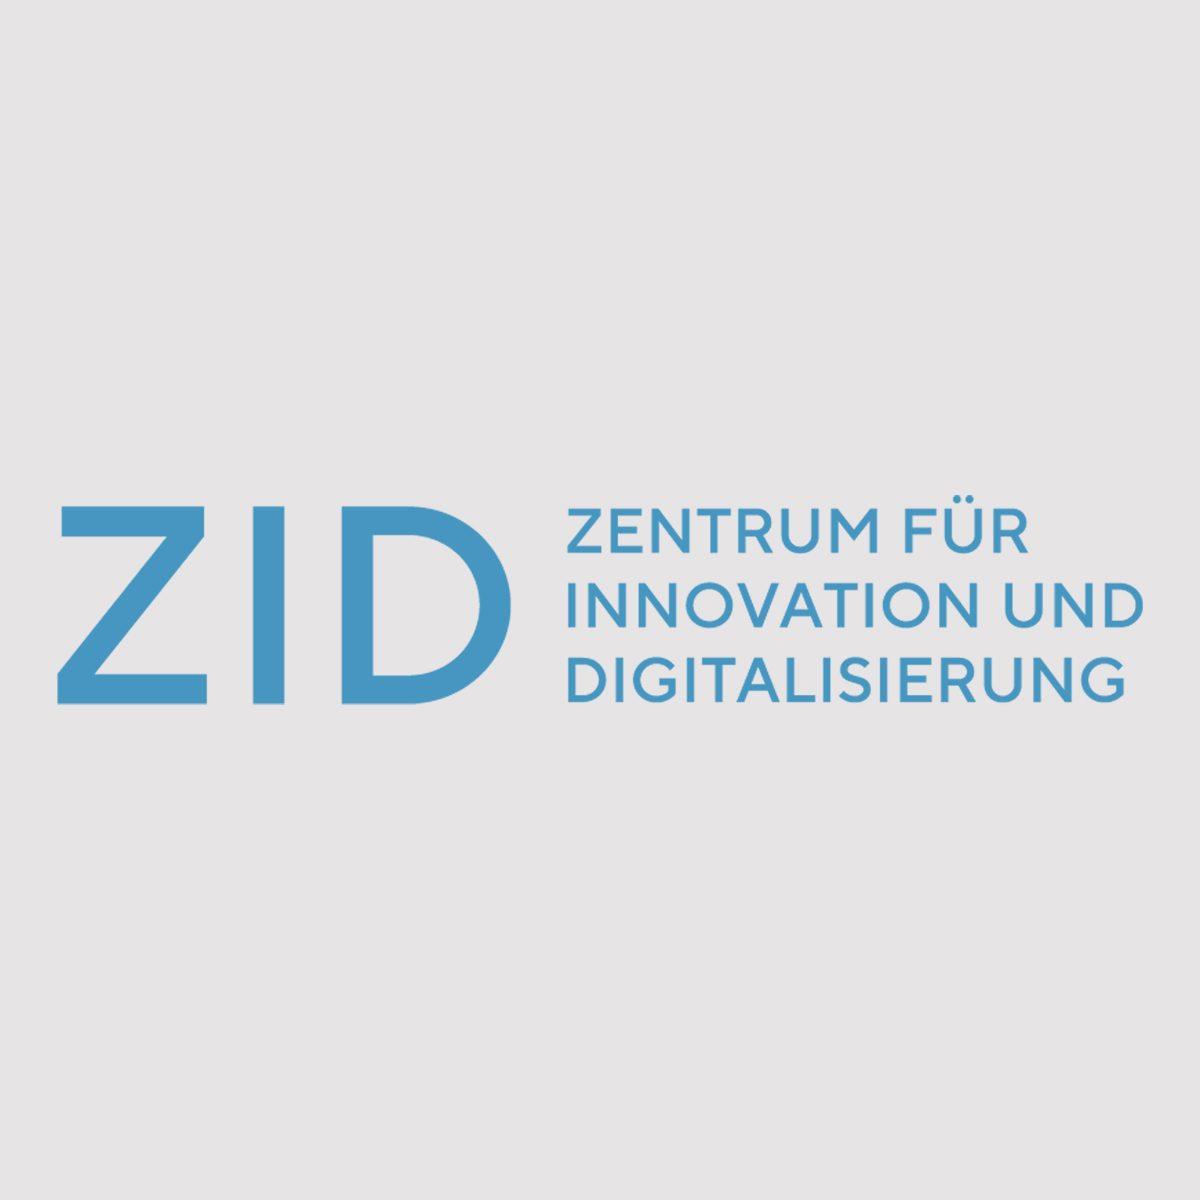 Zentrum für Innovation und Digitalisierung ZID